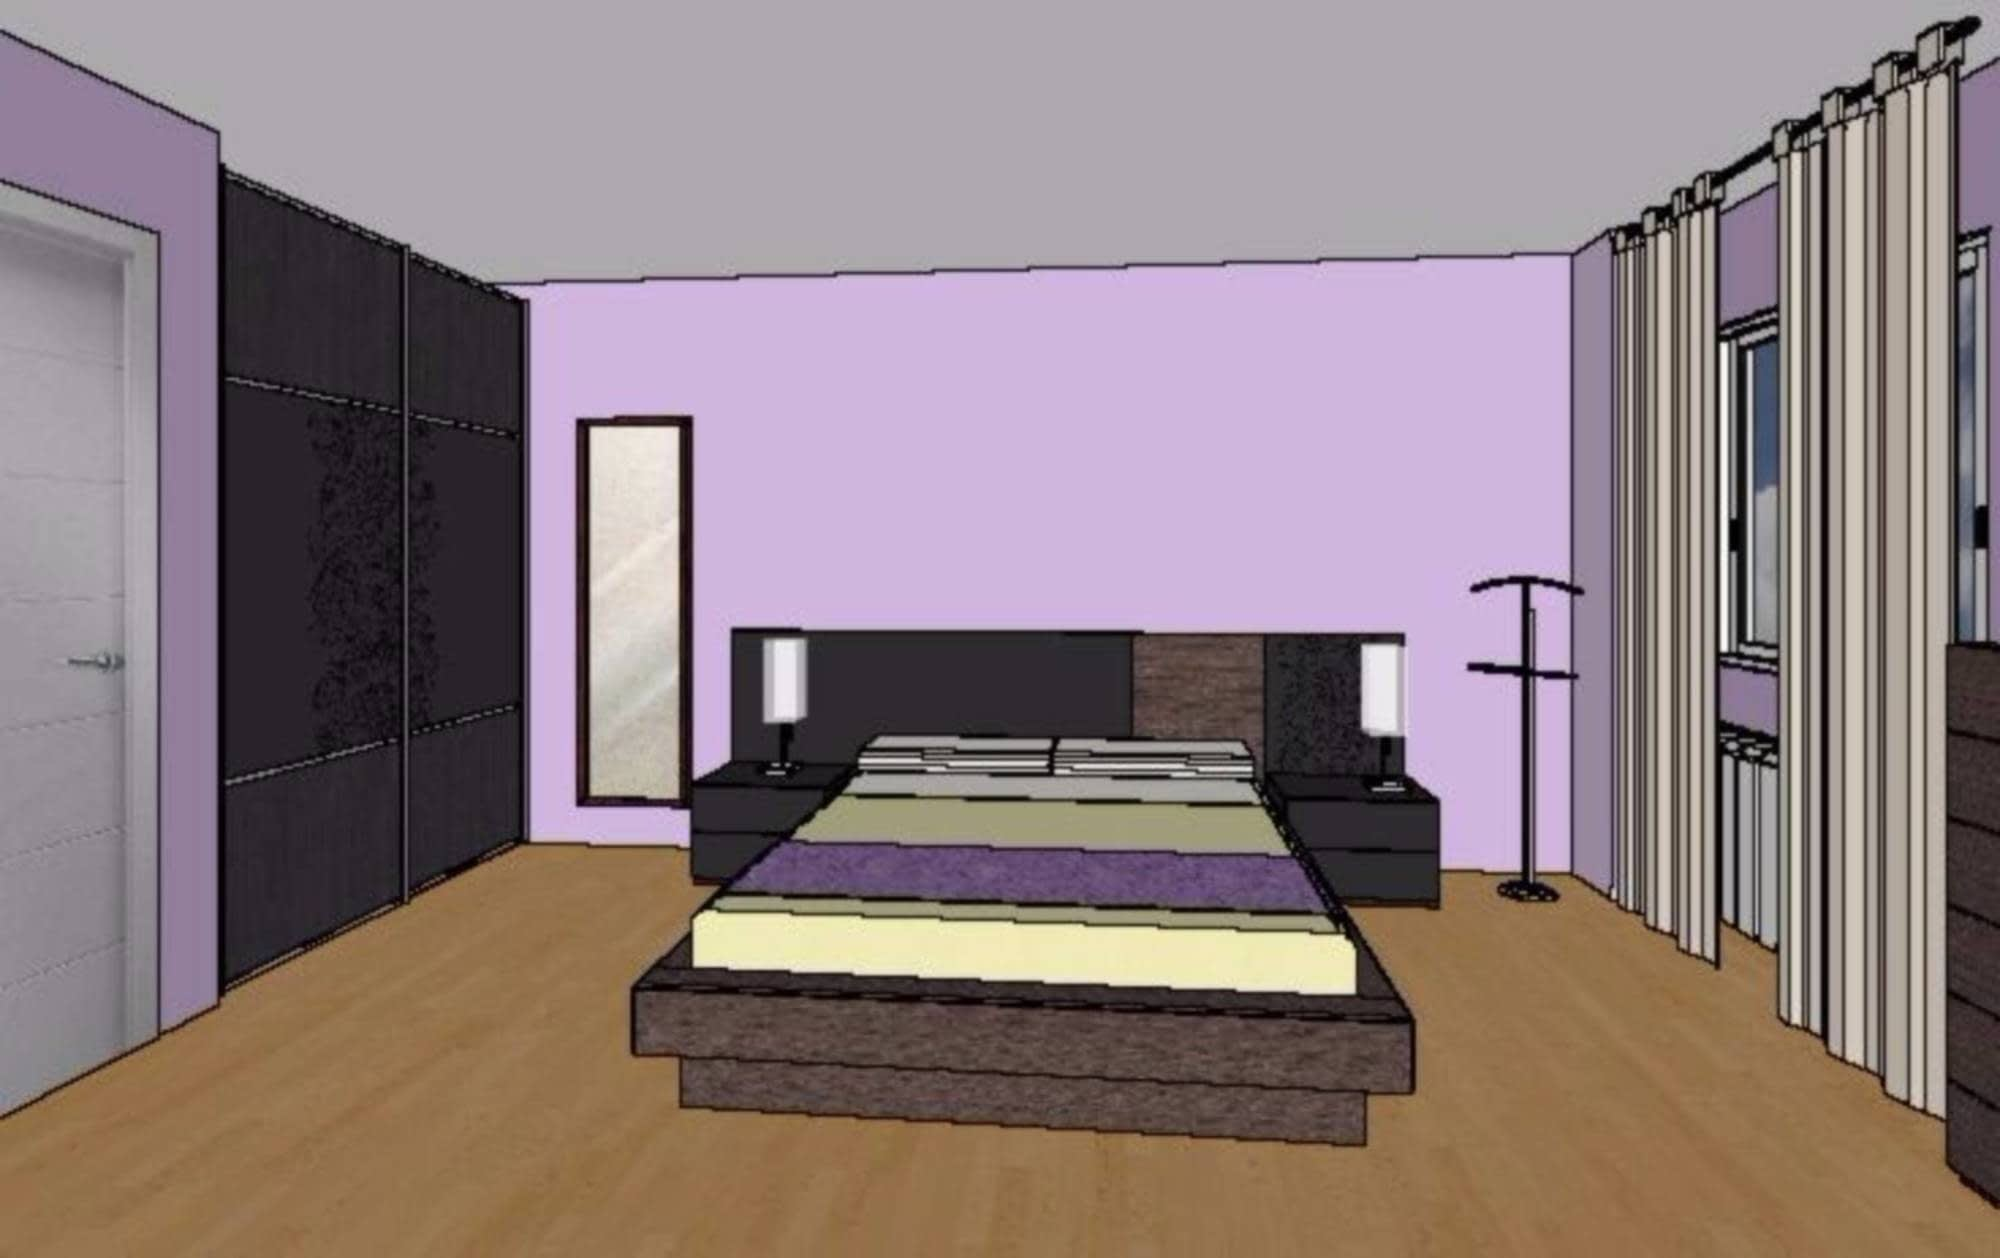 Proyectos Garrido Decoraci N Muebles Para Todo El Hogar  # Muebles Peralta